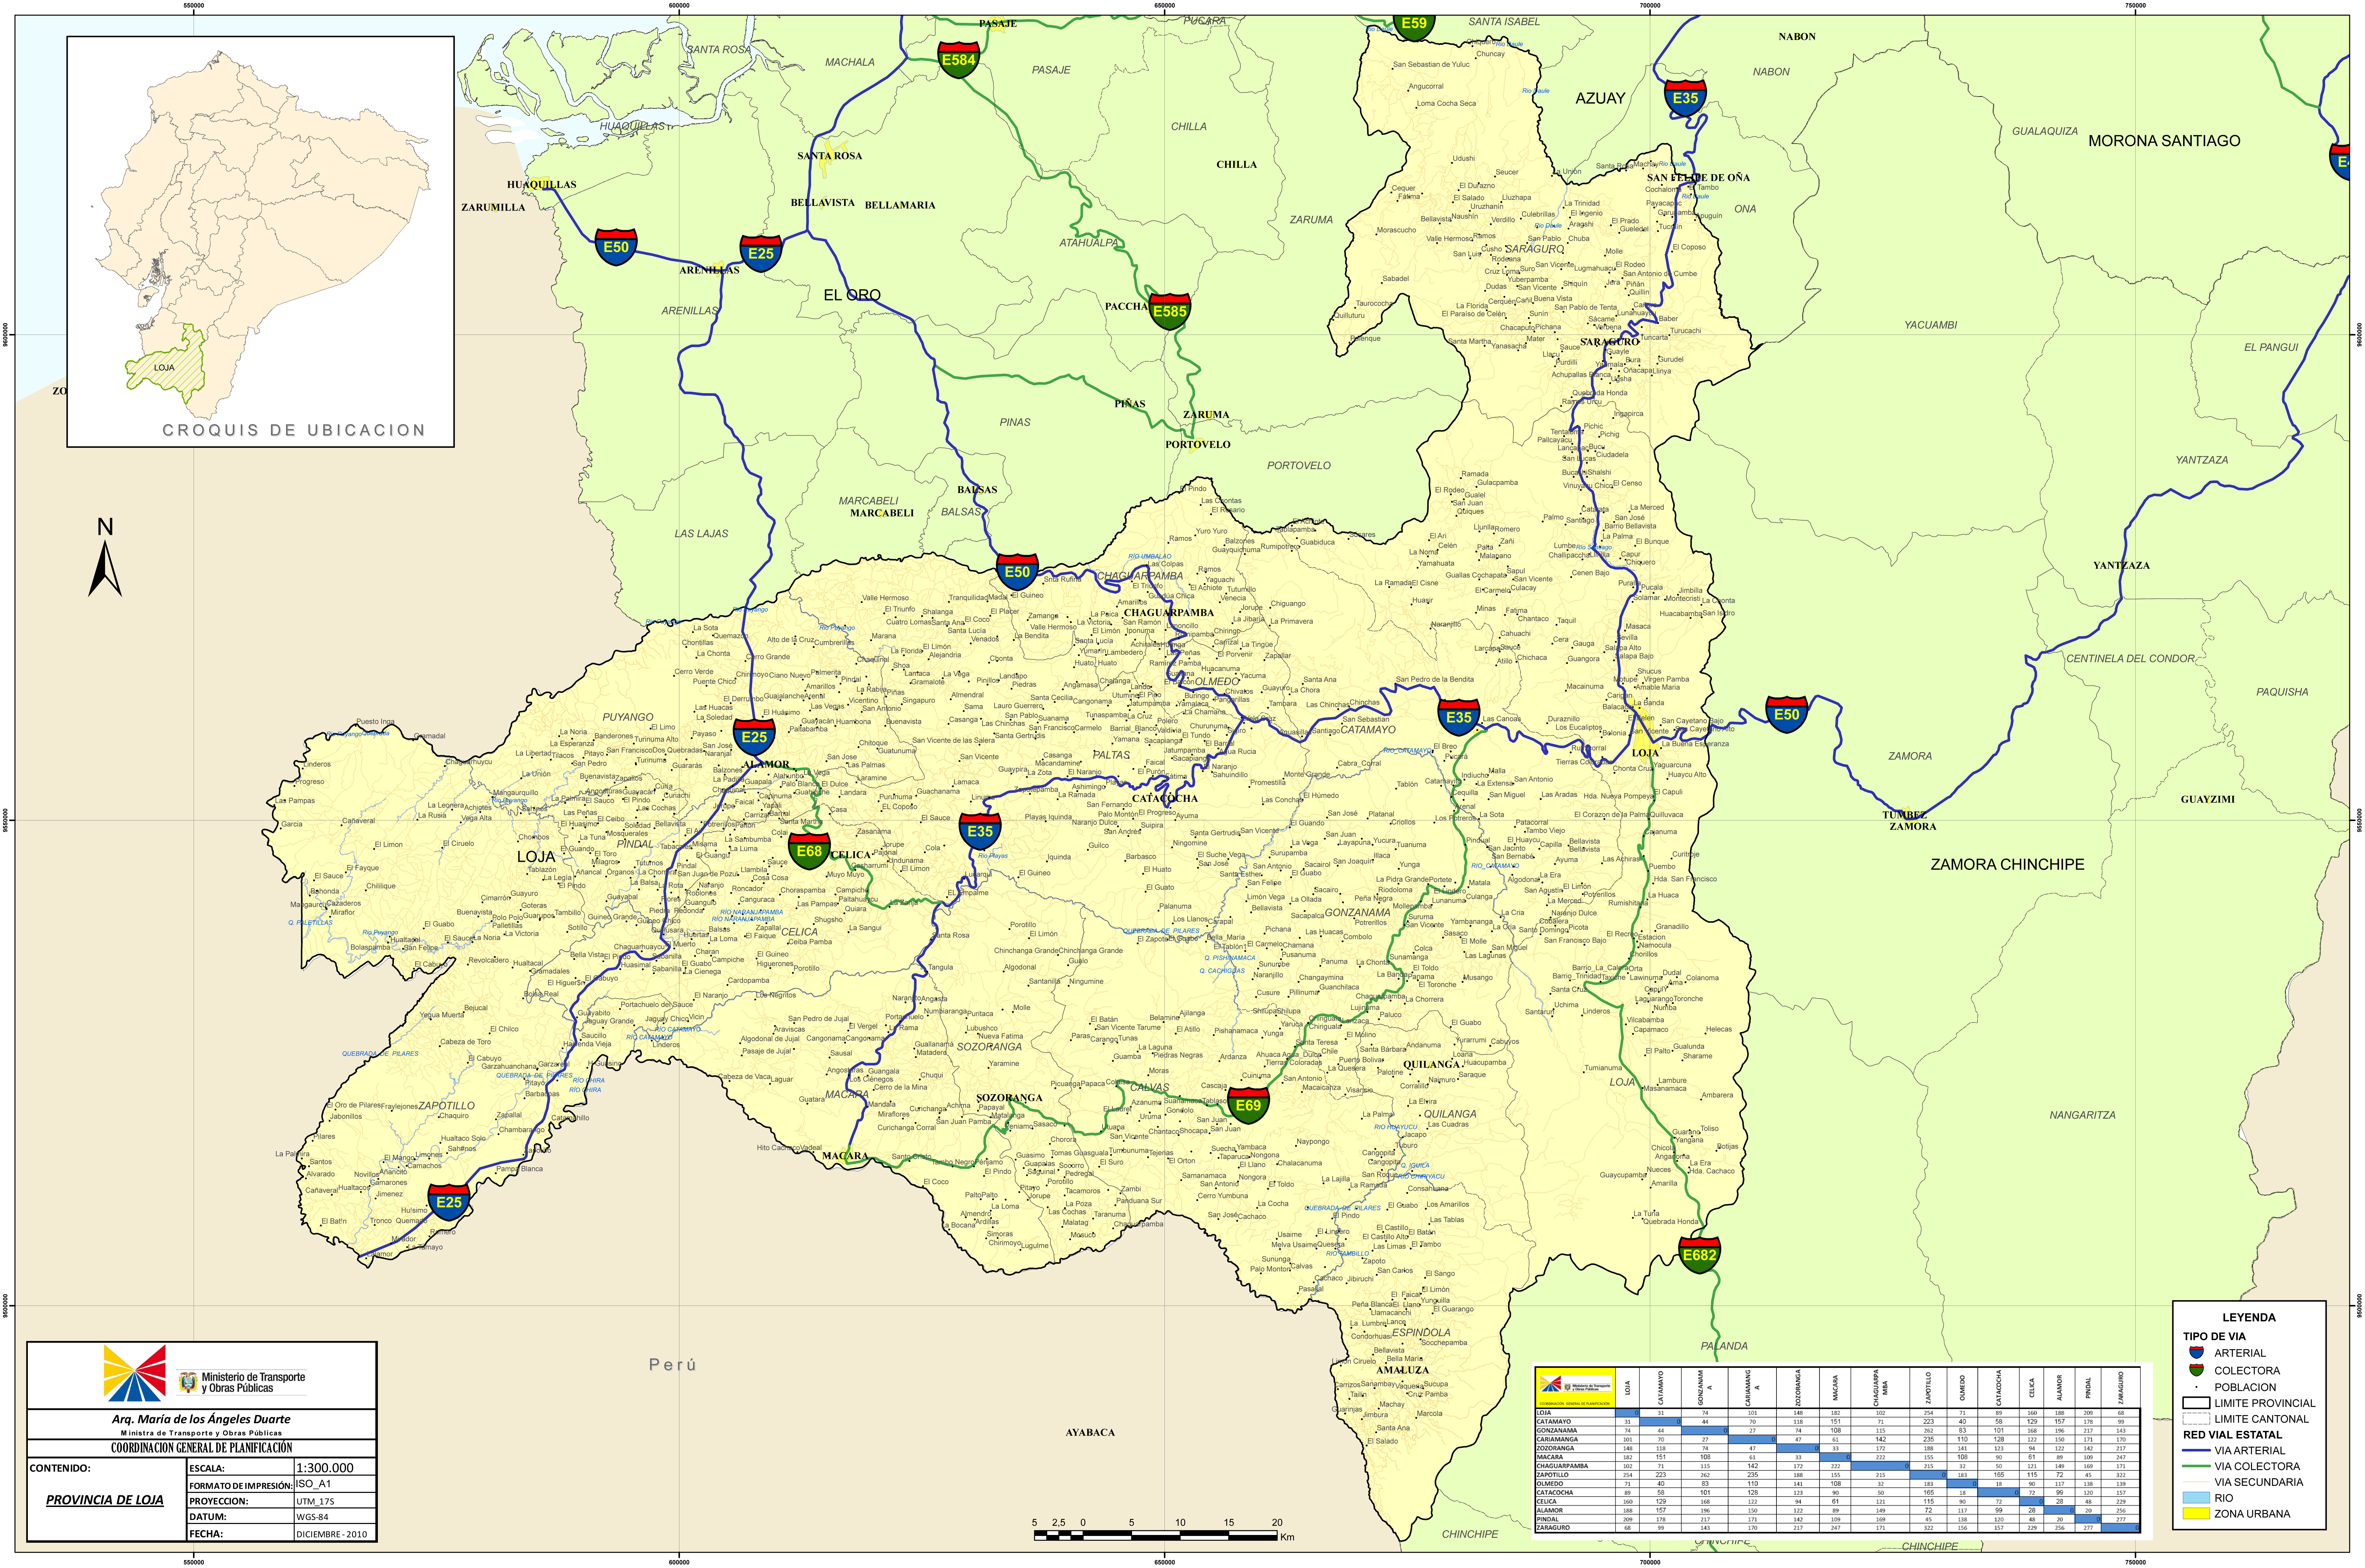 Map of Loja 2010